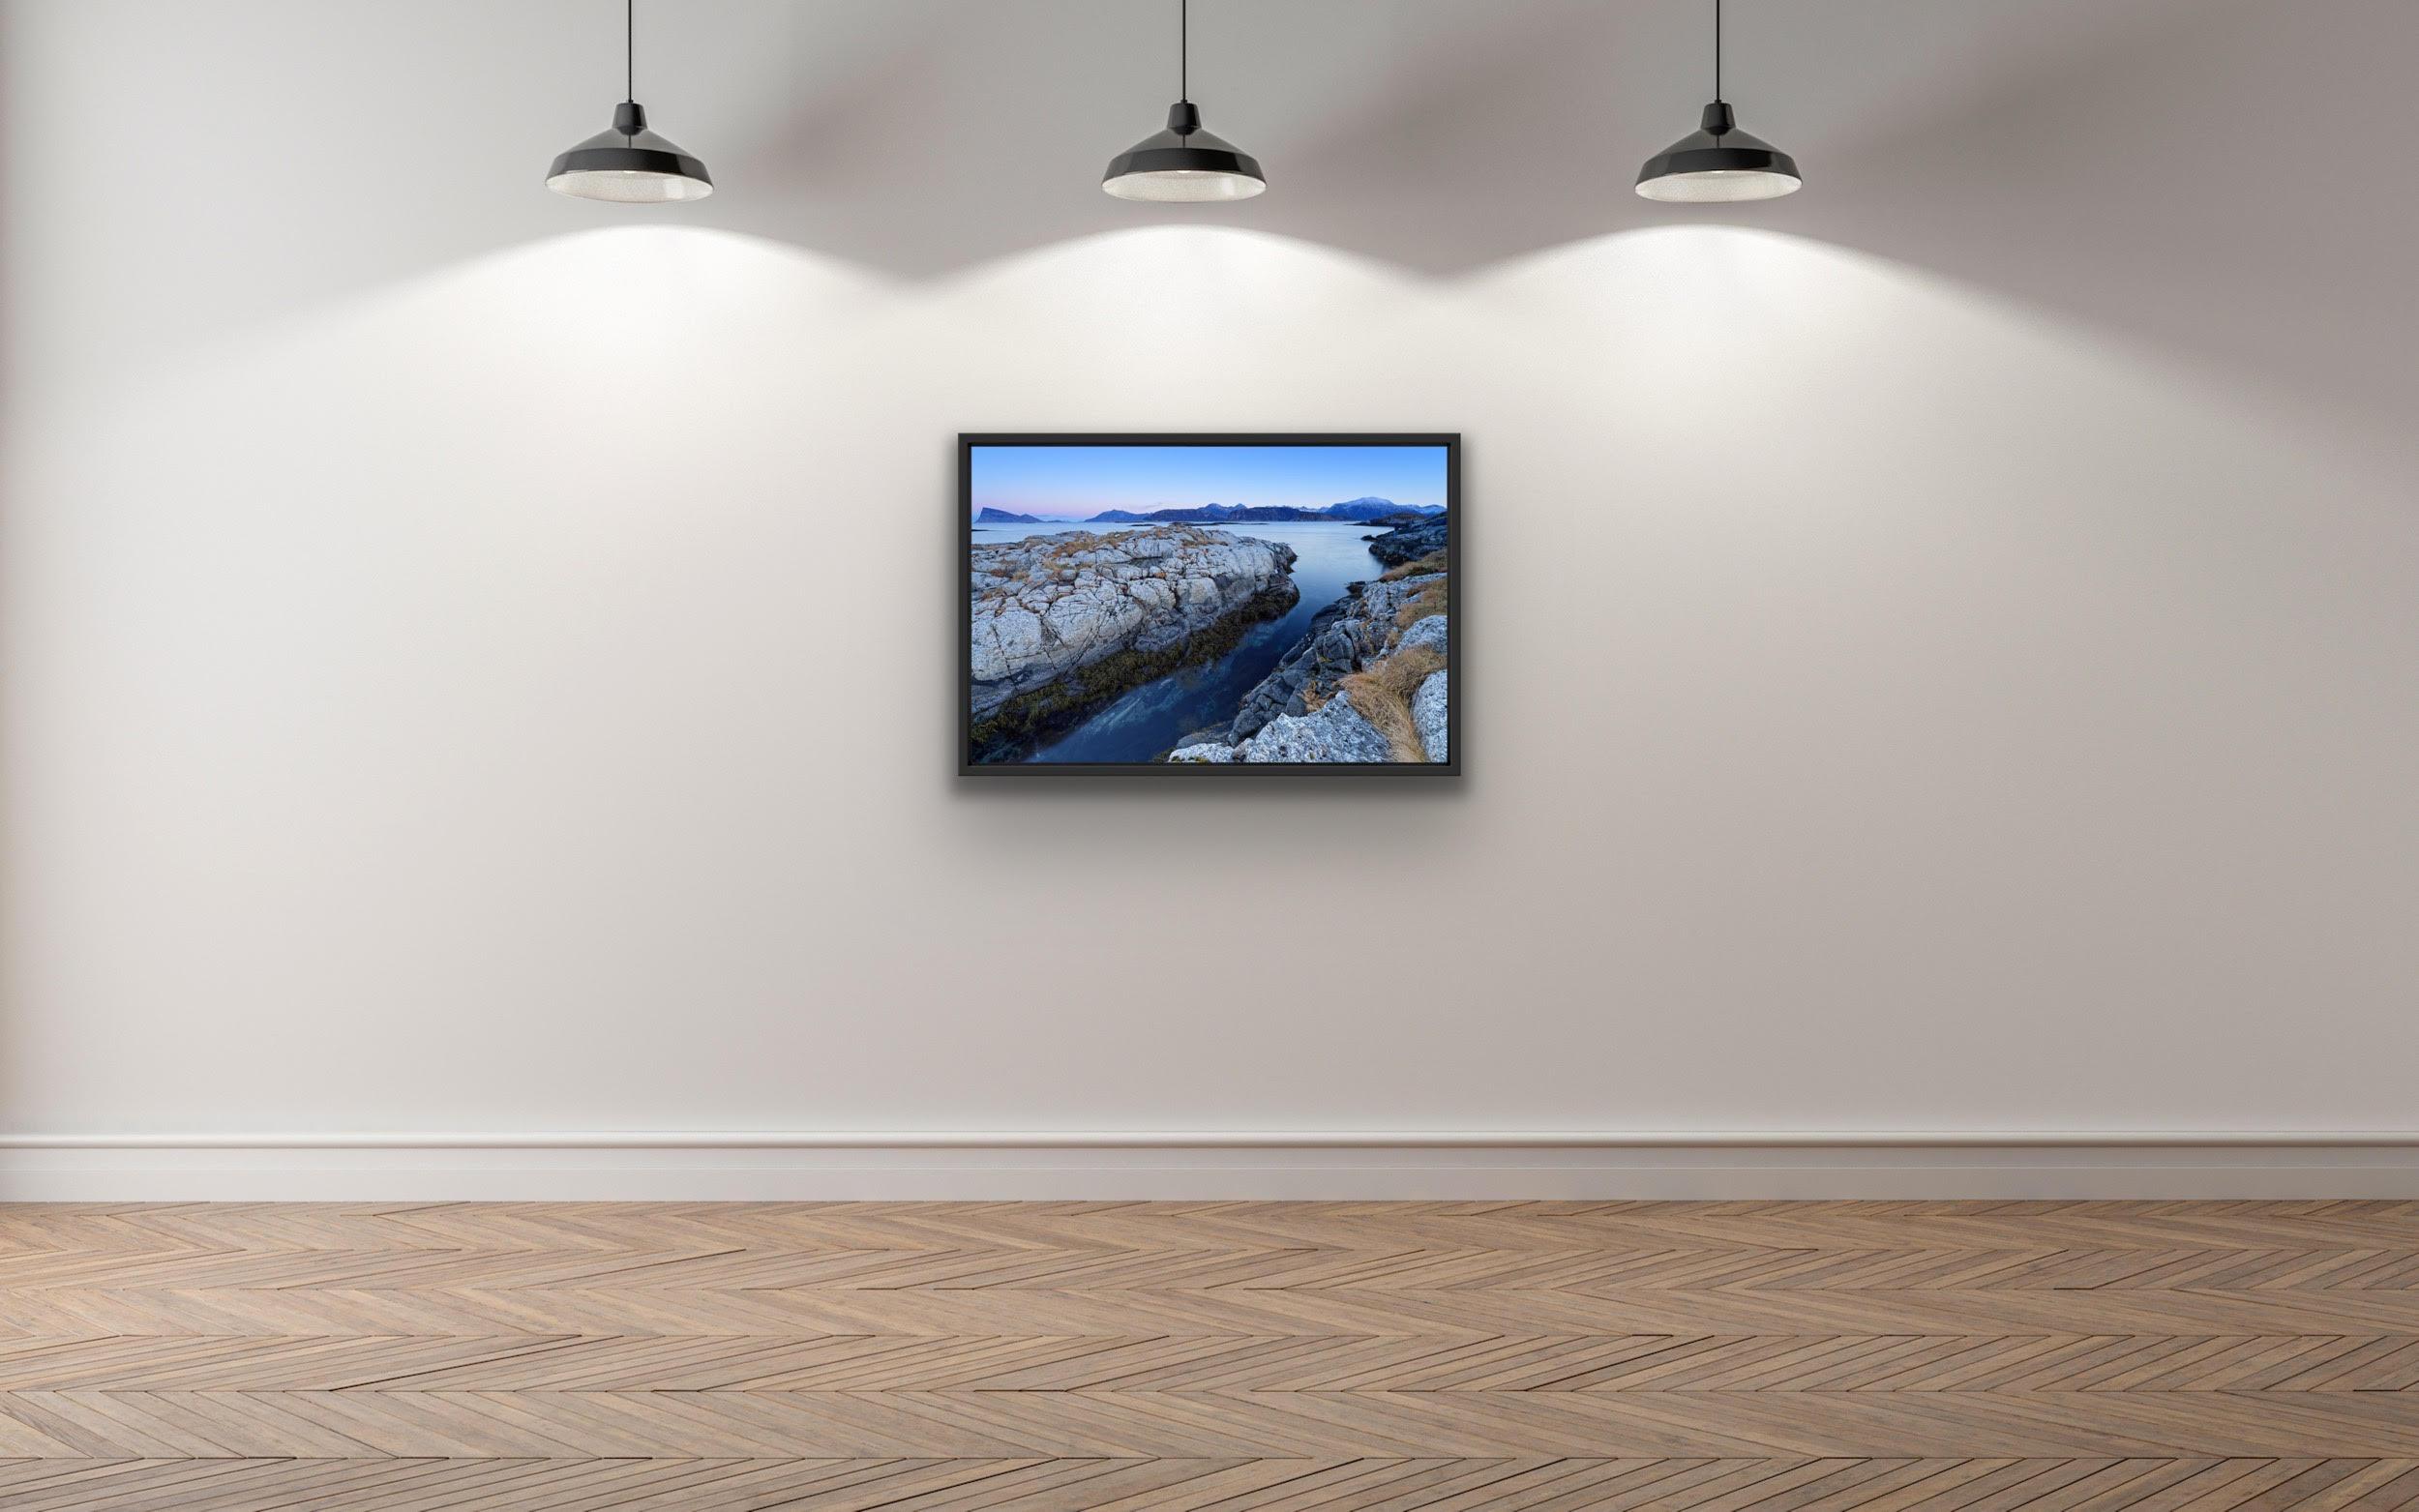 Tirage d'art - Mickaël Bonnami Photographe - Norvège